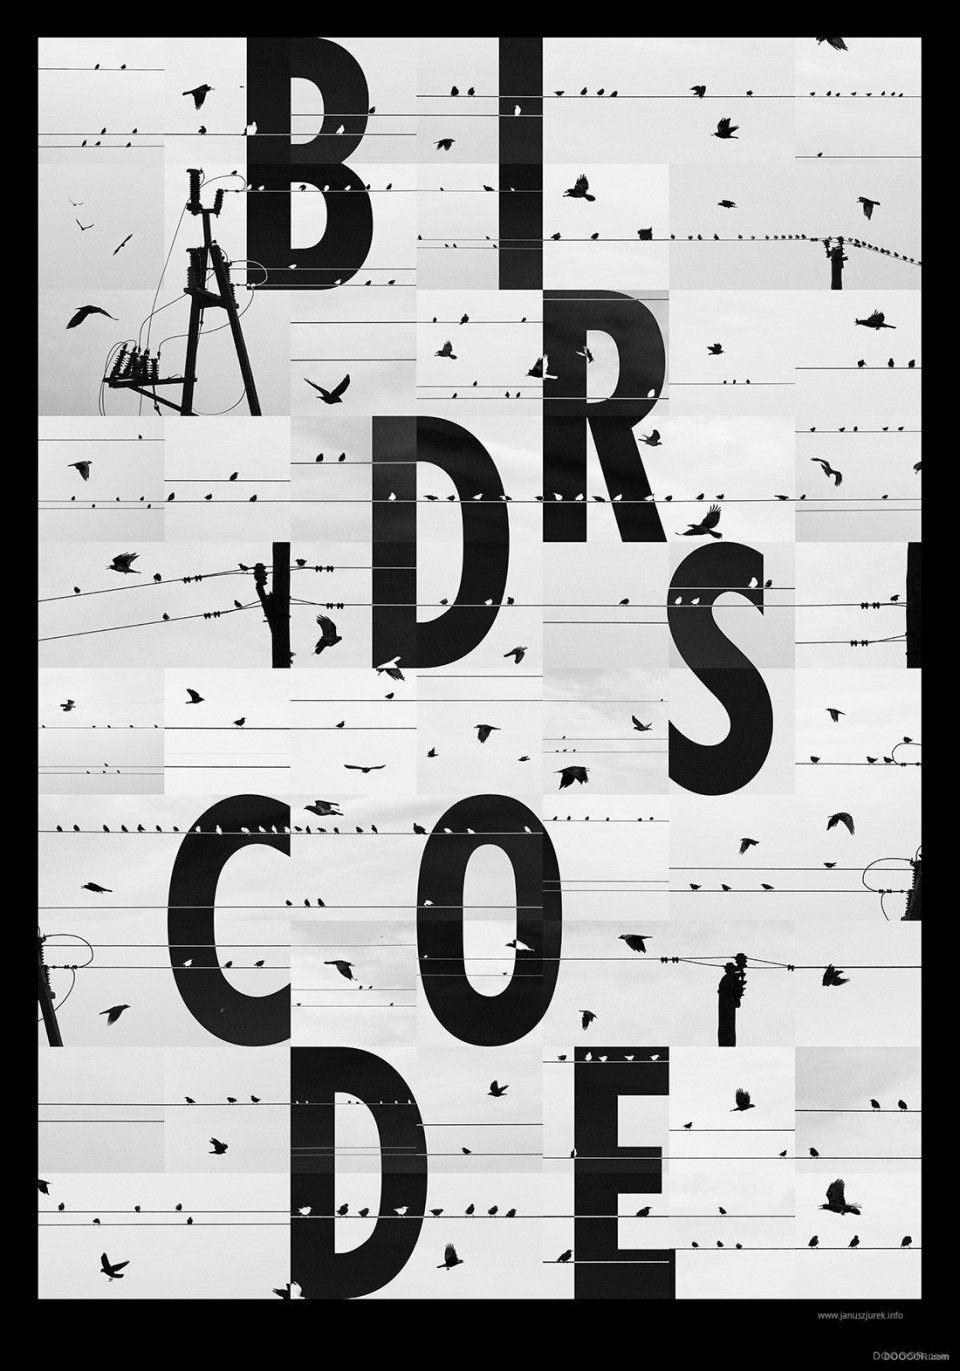 國外創意黑白字體海報設計